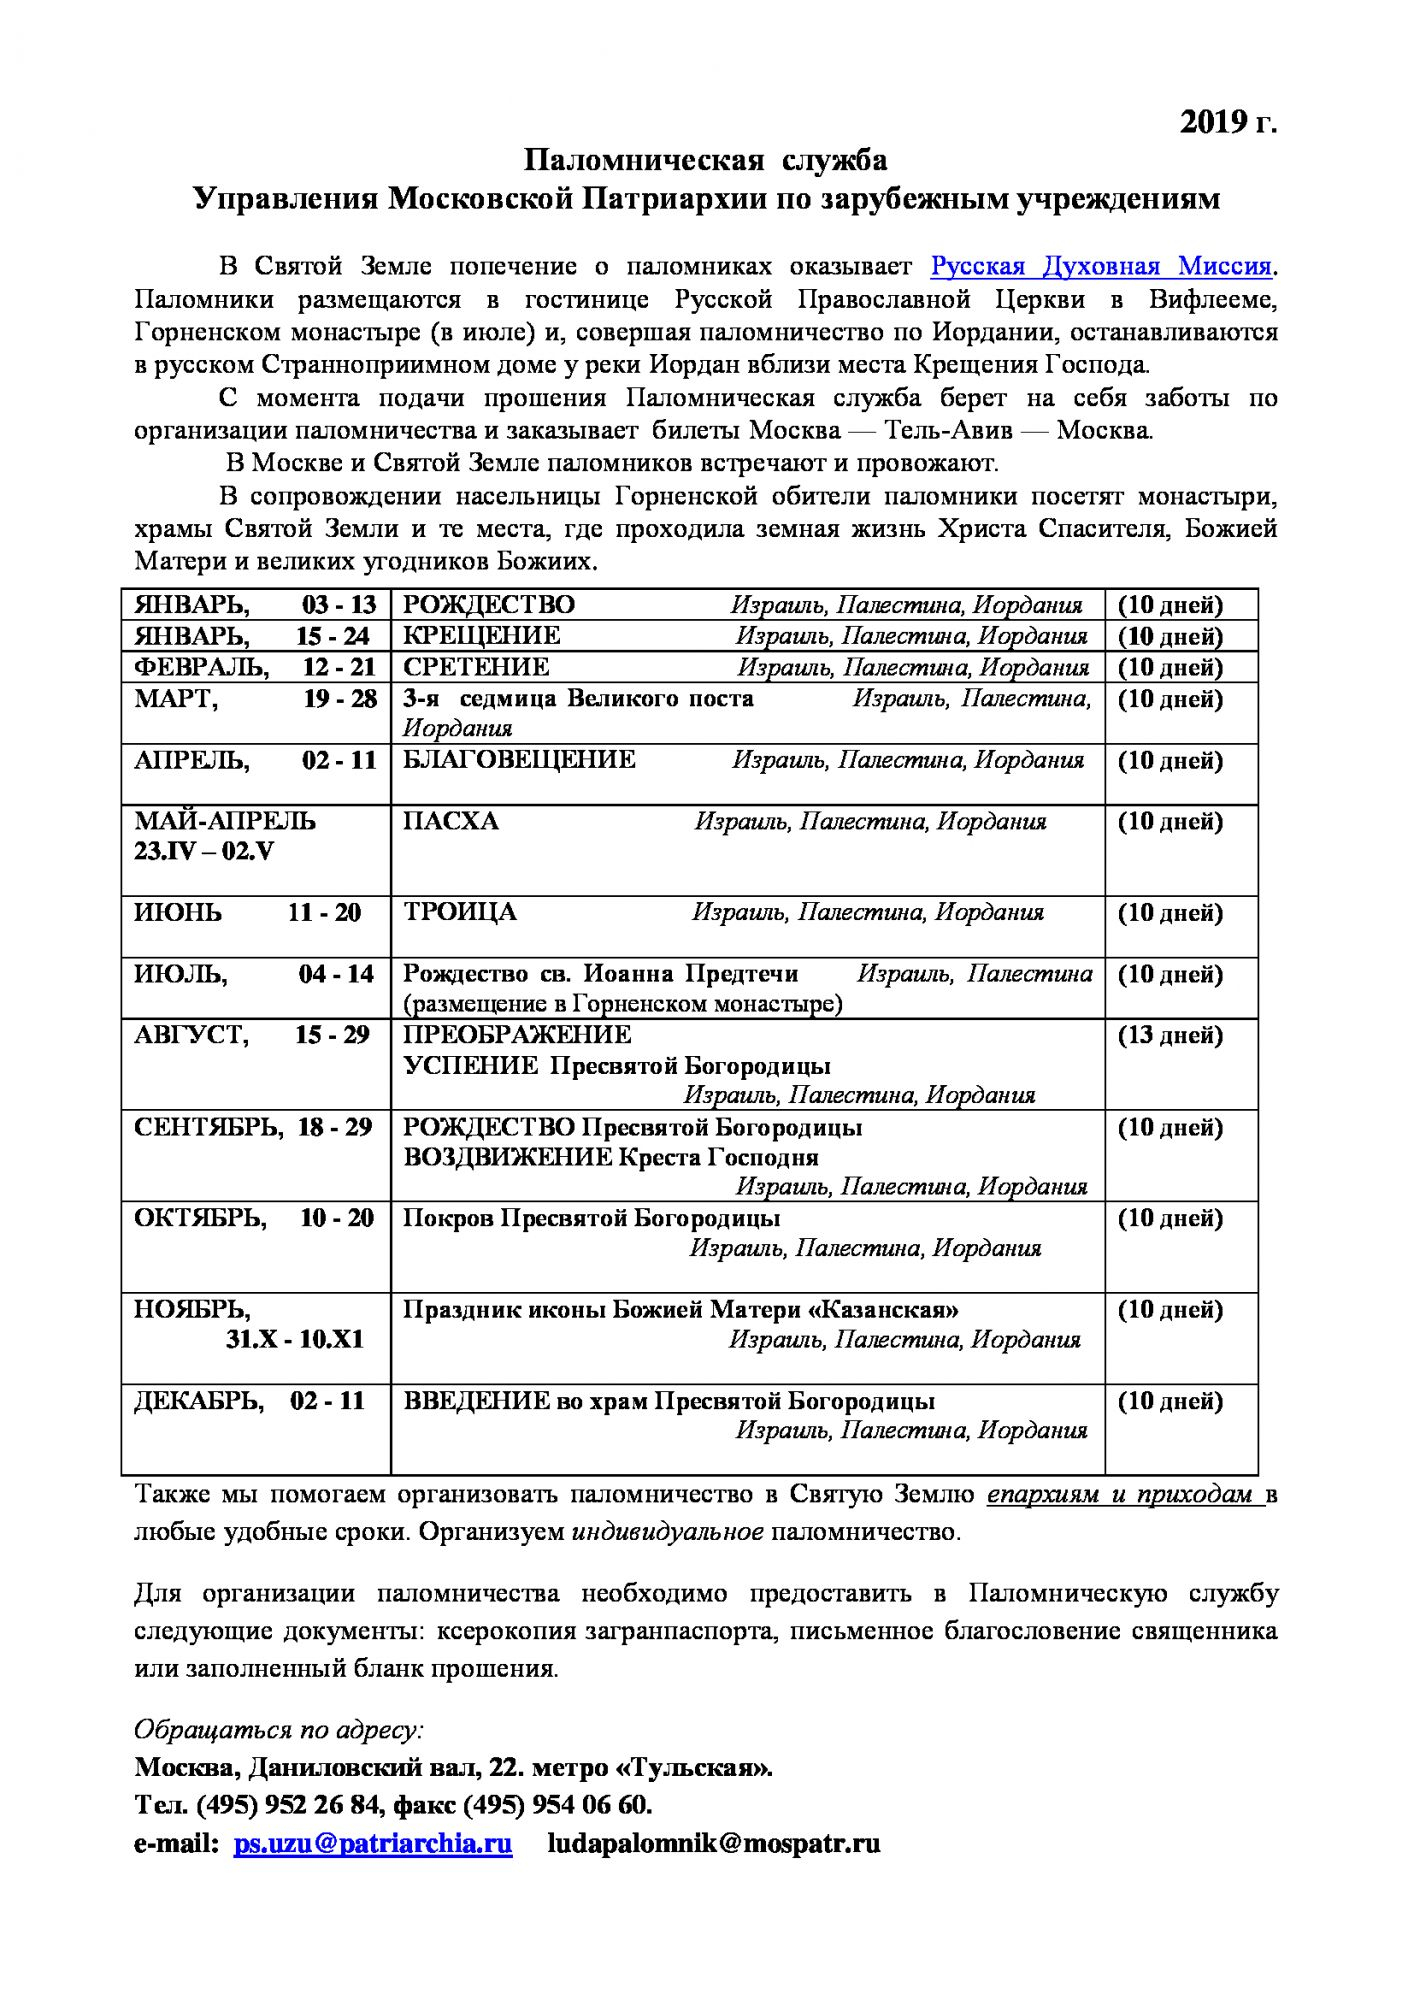 Опубликован график Паломнических поездок на Святую Землю в 2019 году, организуемых Паломнической службой Московской Патриархии